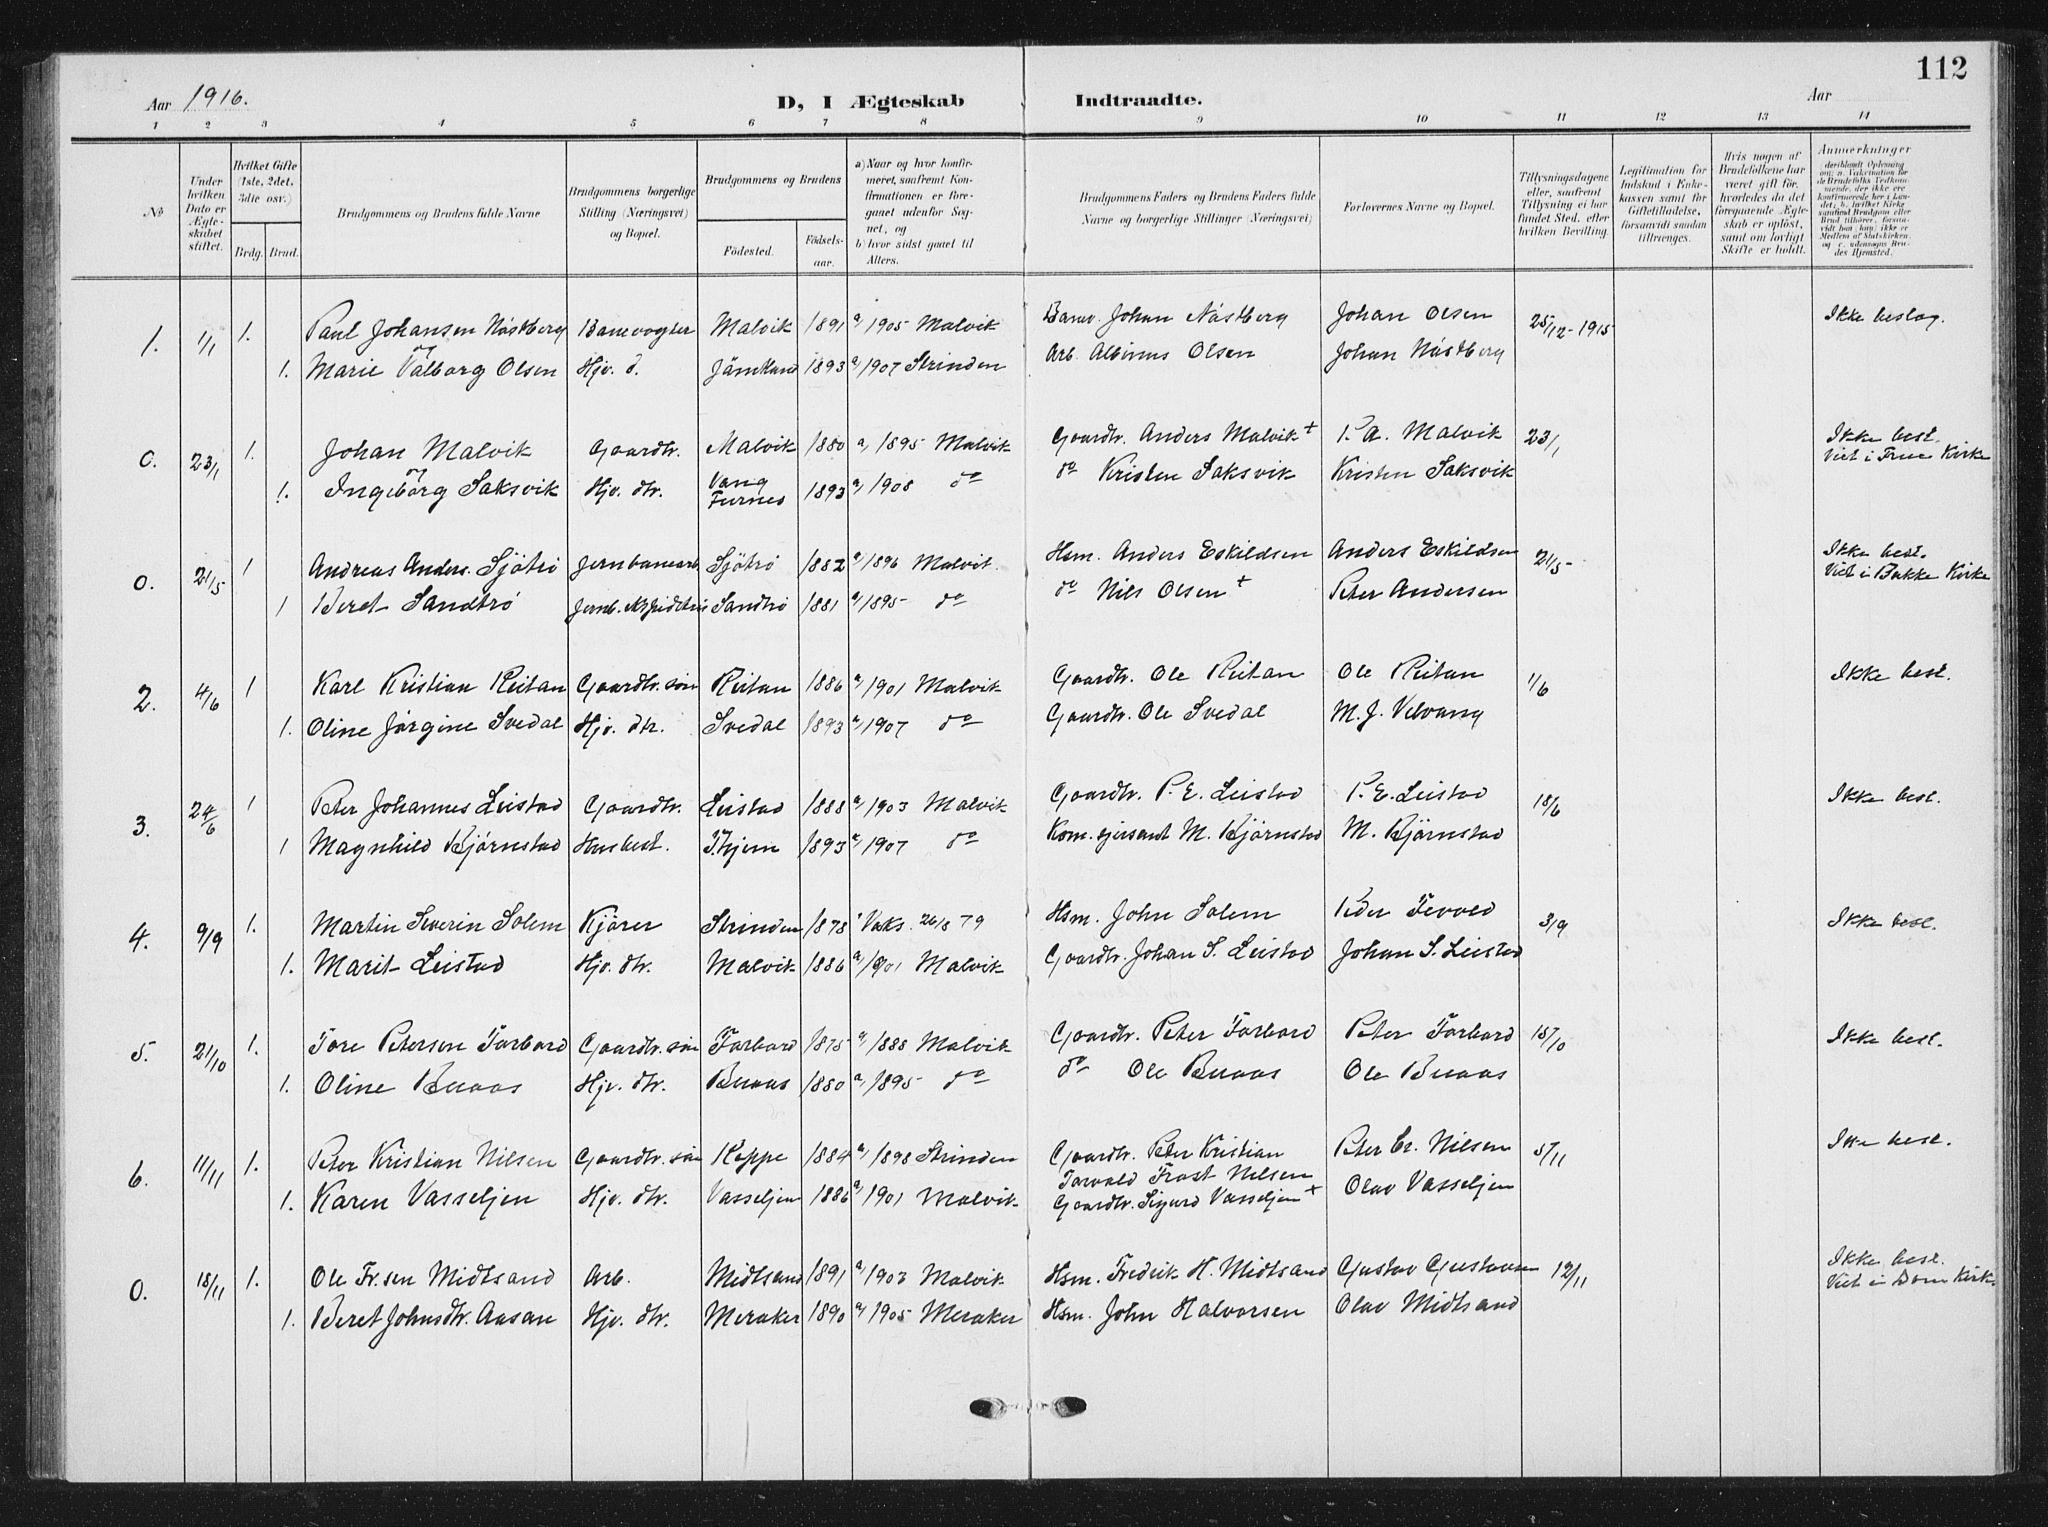 SAT, Ministerialprotokoller, klokkerbøker og fødselsregistre - Sør-Trøndelag, 616/L0424: Klokkerbok nr. 616C07, 1904-1940, s. 112